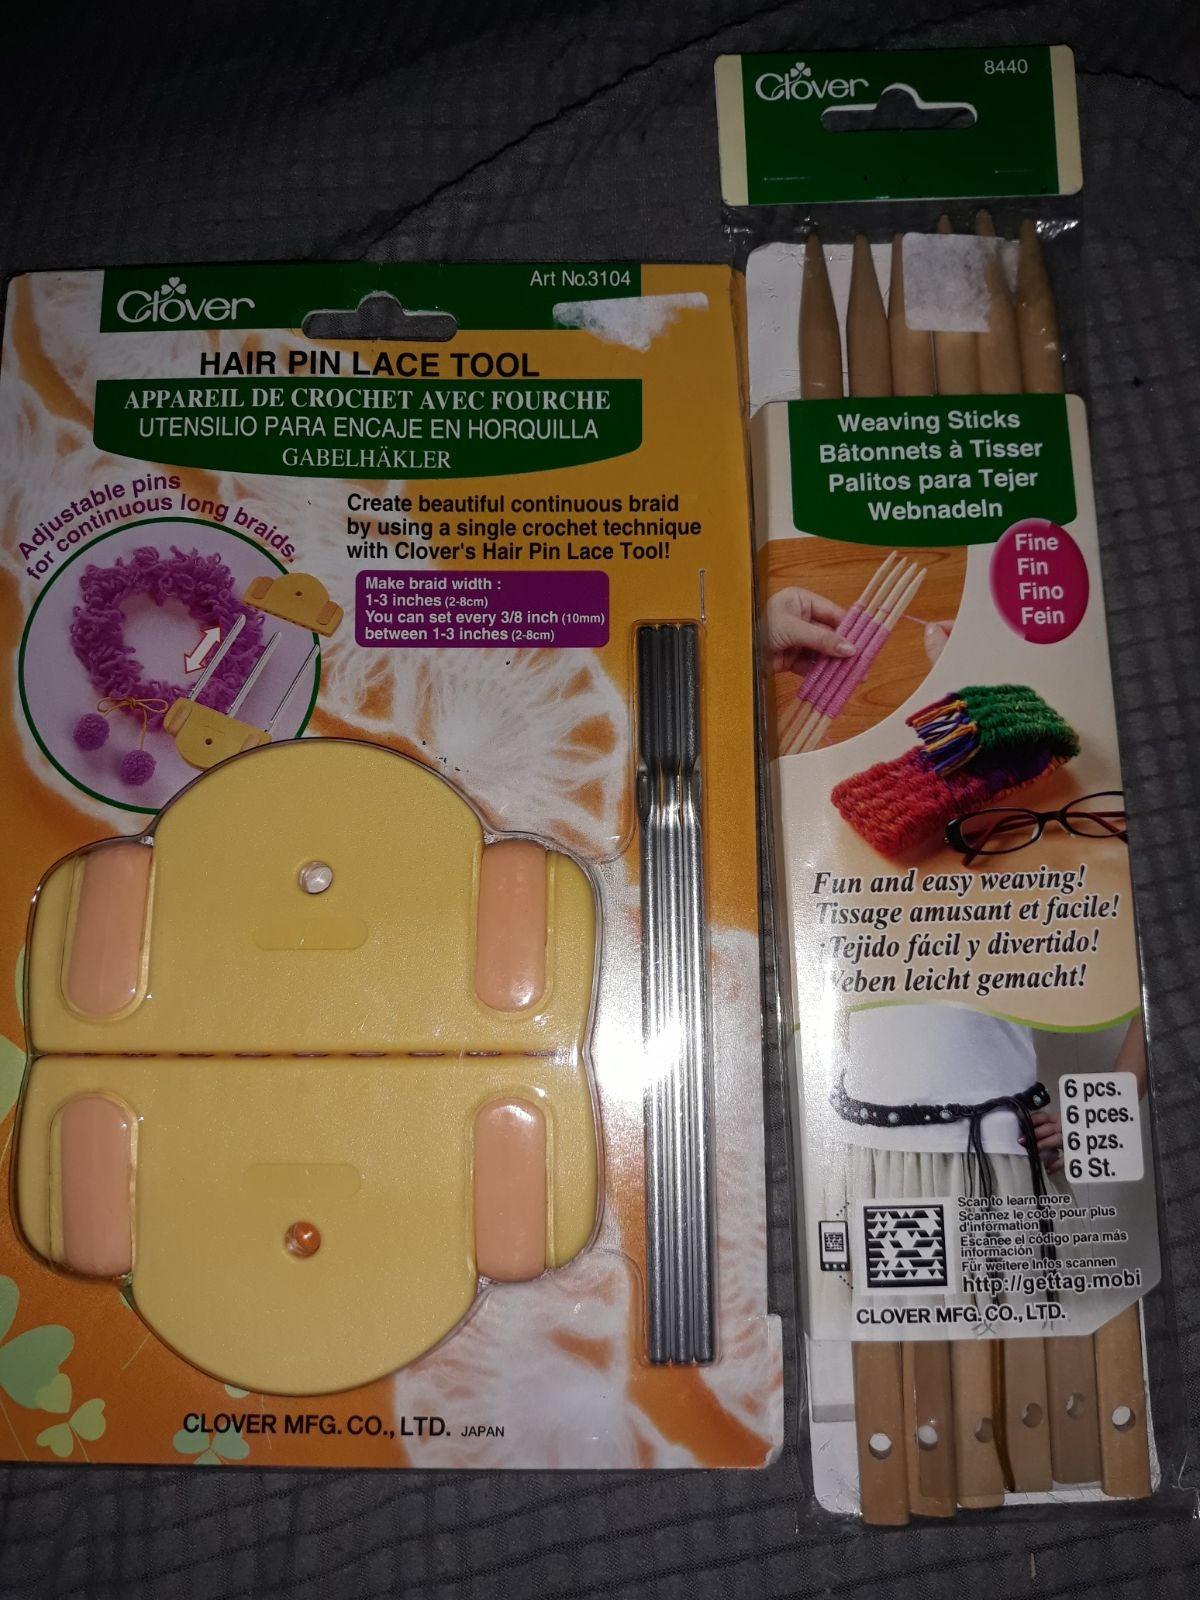 Hair pin lace tool/weaving sticks